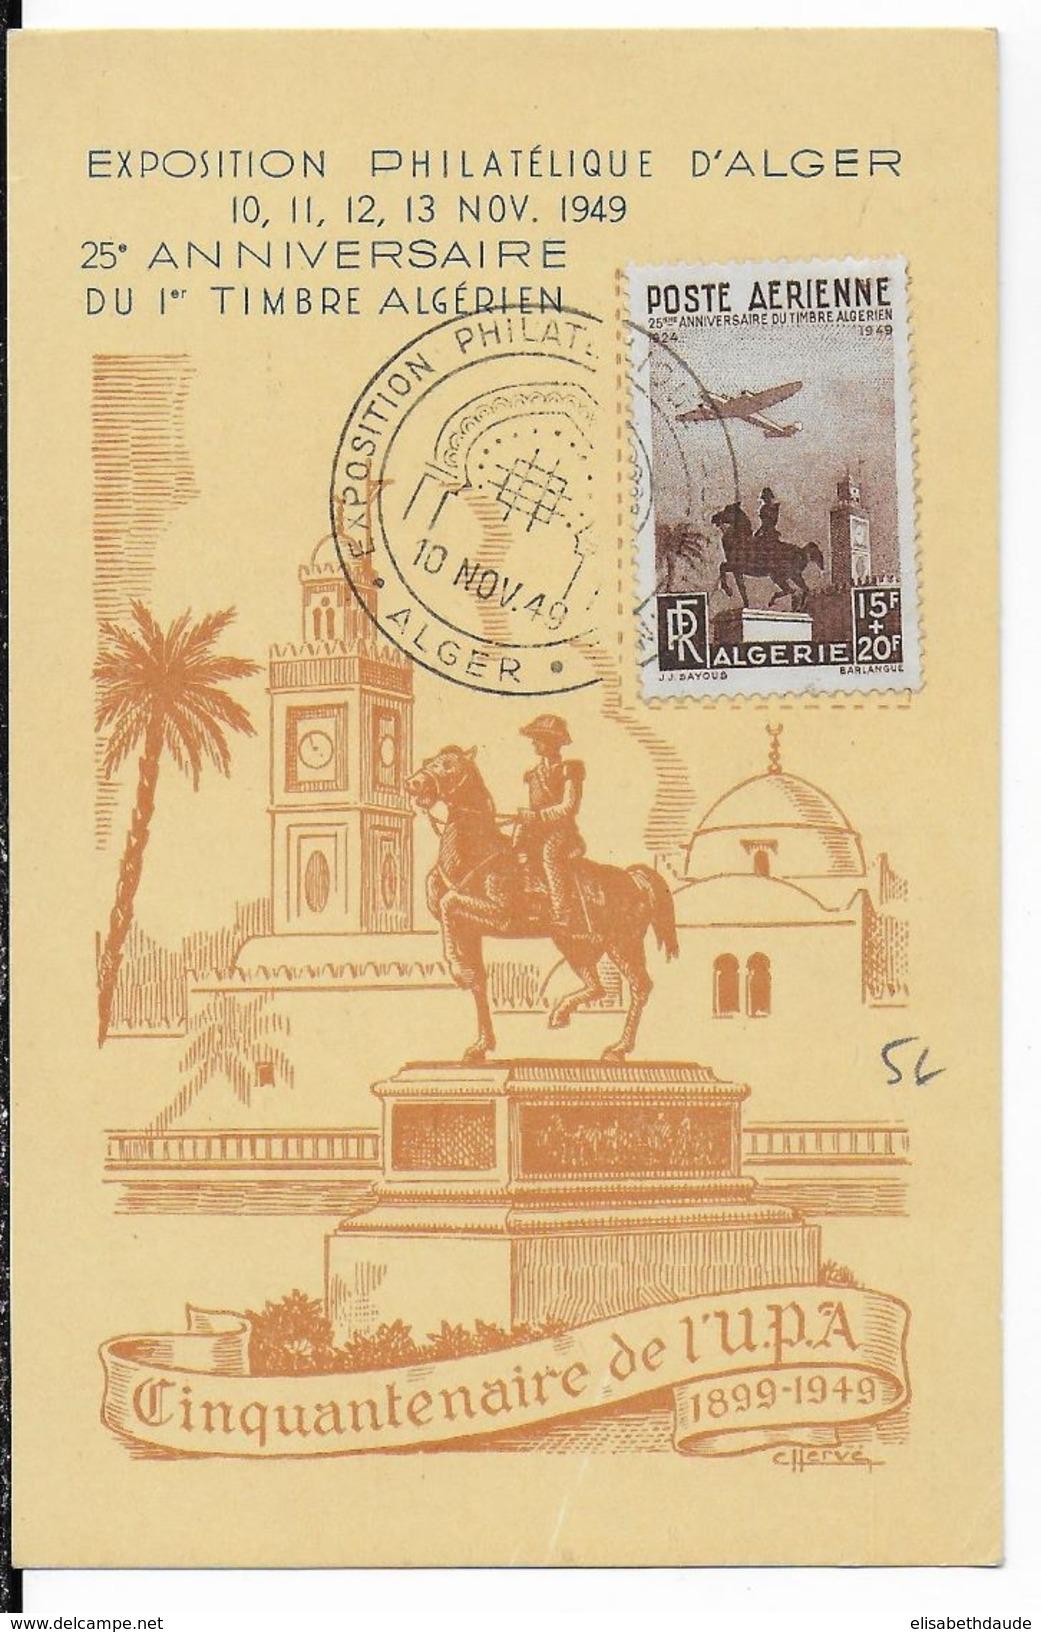 1949 - ALGERIE - CARTE POSTALE De L'EXPO PHILATELIQUE D'ALGER Avec OBLITERATION TEMPORAIRE ILLUSTREE - Algerien (1924-1962)